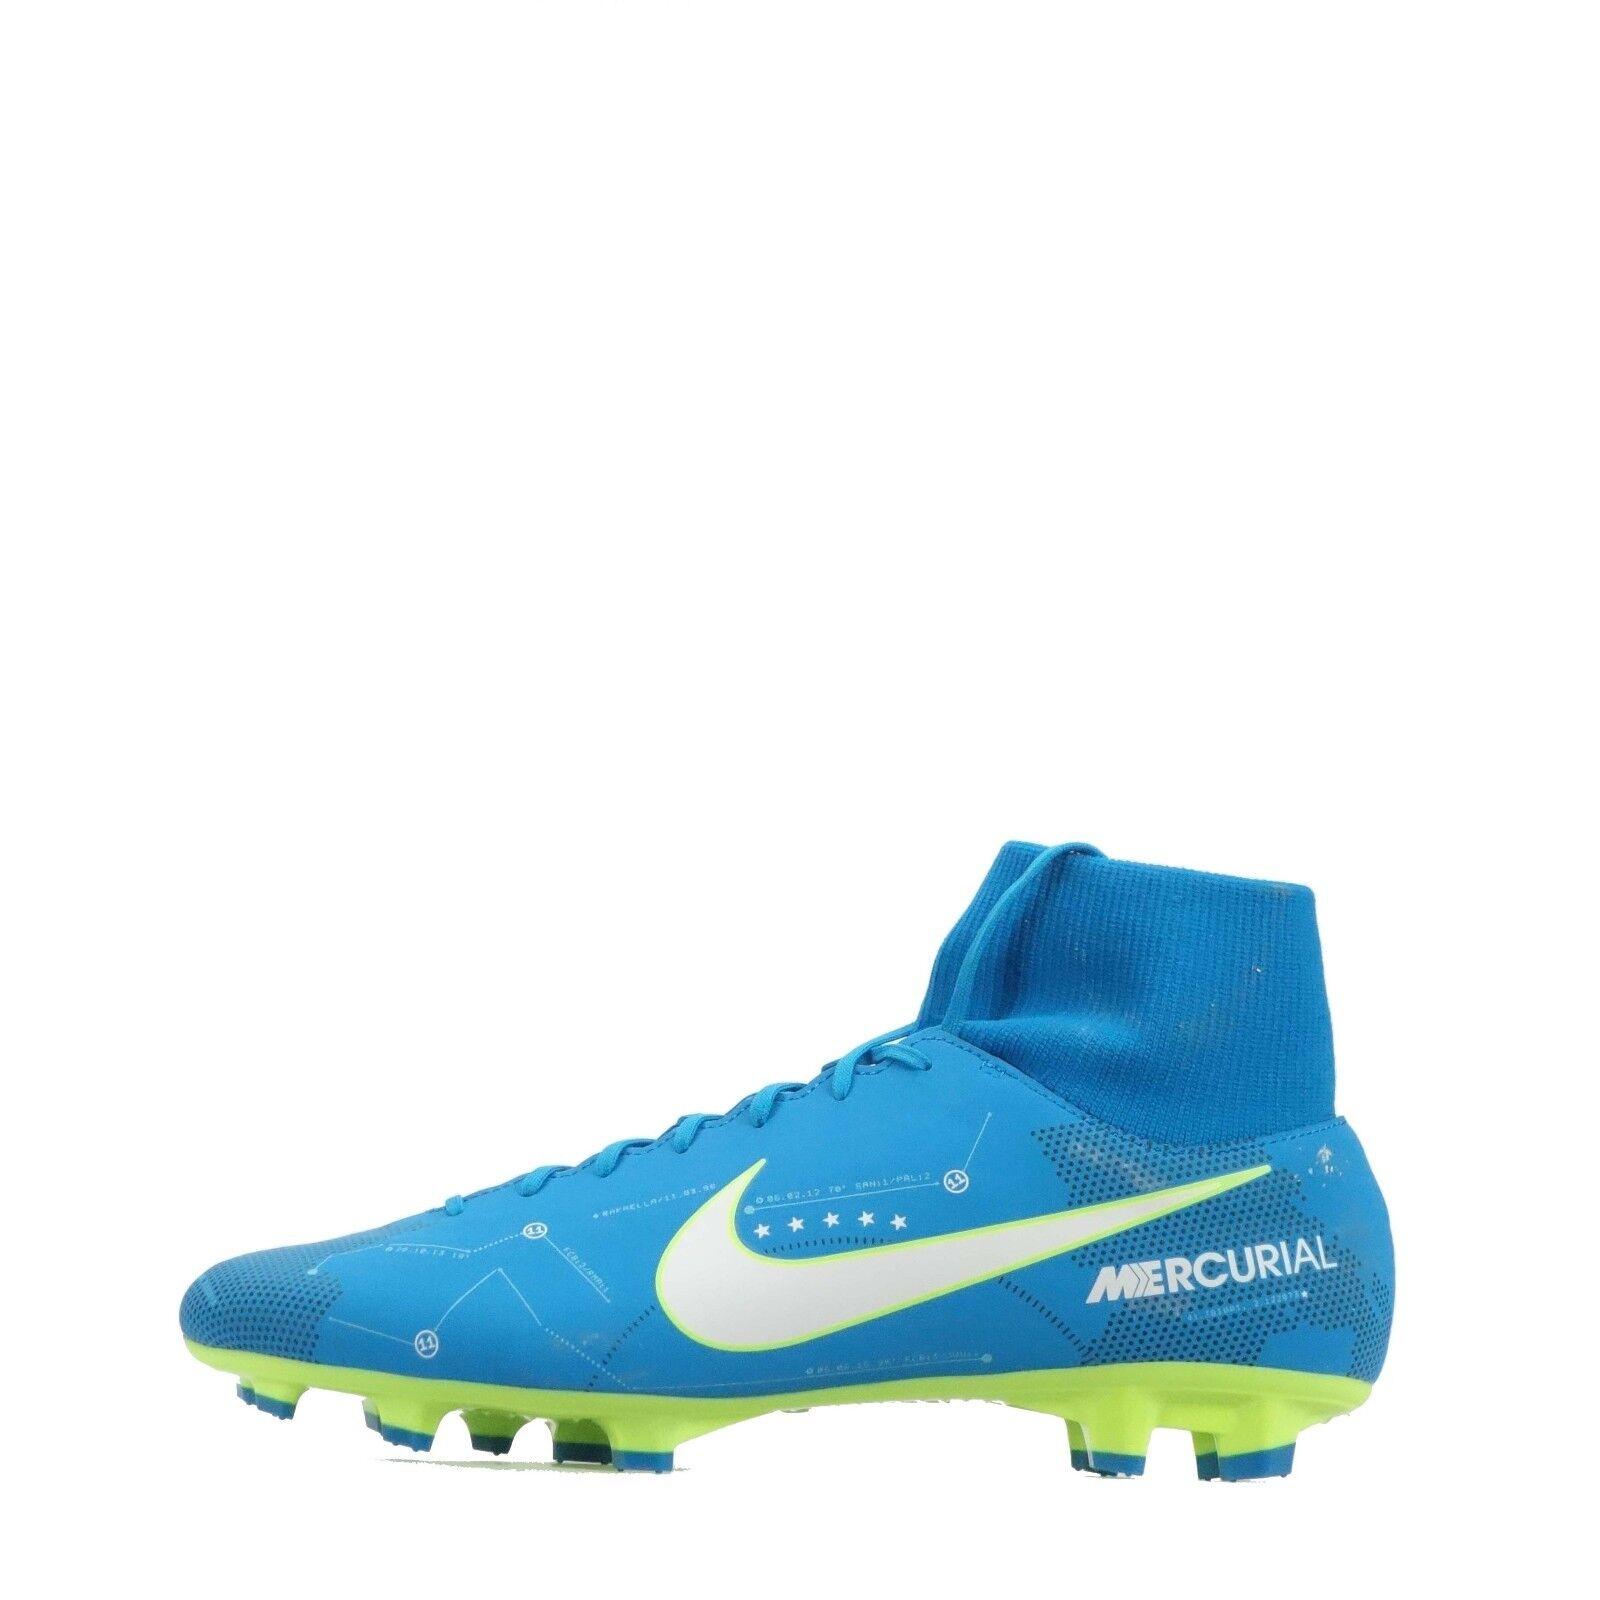 NIKE MERCURIAL VICTORY VI DF njr Hombre Fútbol pista dura botas Azul blancoo